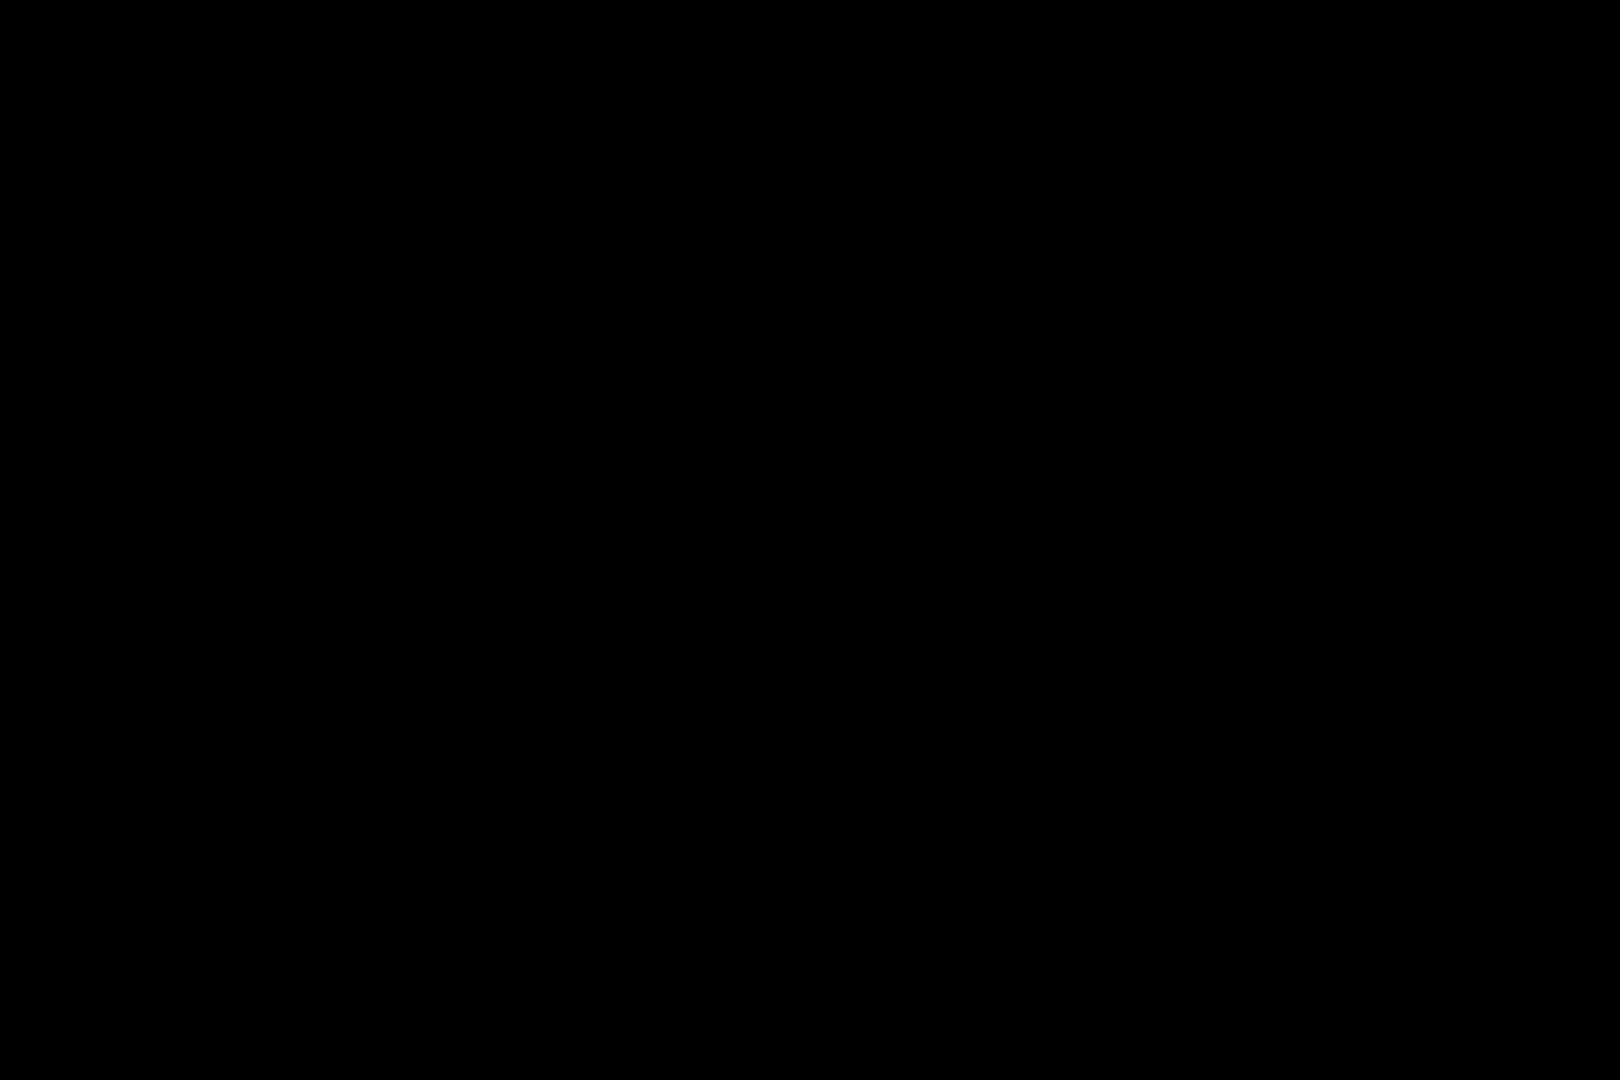 JDハンター全国ツアー vol.036 前編 OLハメ撮り  109Pix 26